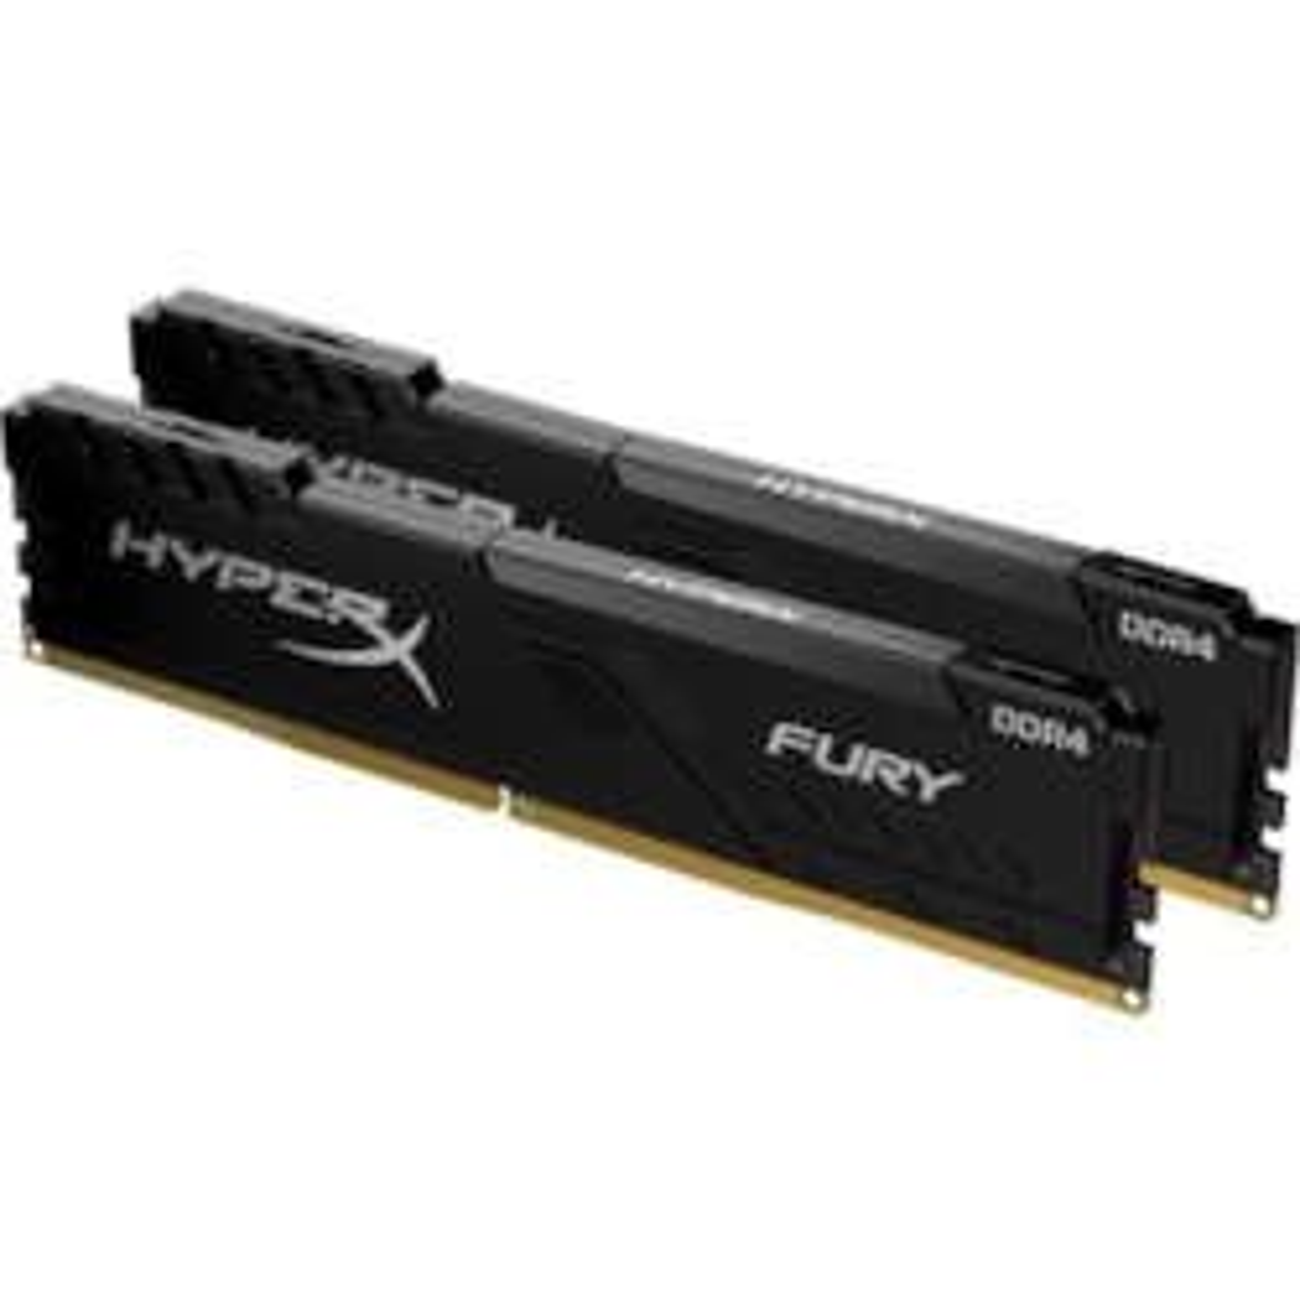 HyperX FURY RAM Module for Desktop PC - 32 GB (2 x 16 GB) - DDR4-3200/PC4-25600 DDR4 SDRAM - CL16 - 1.35 V